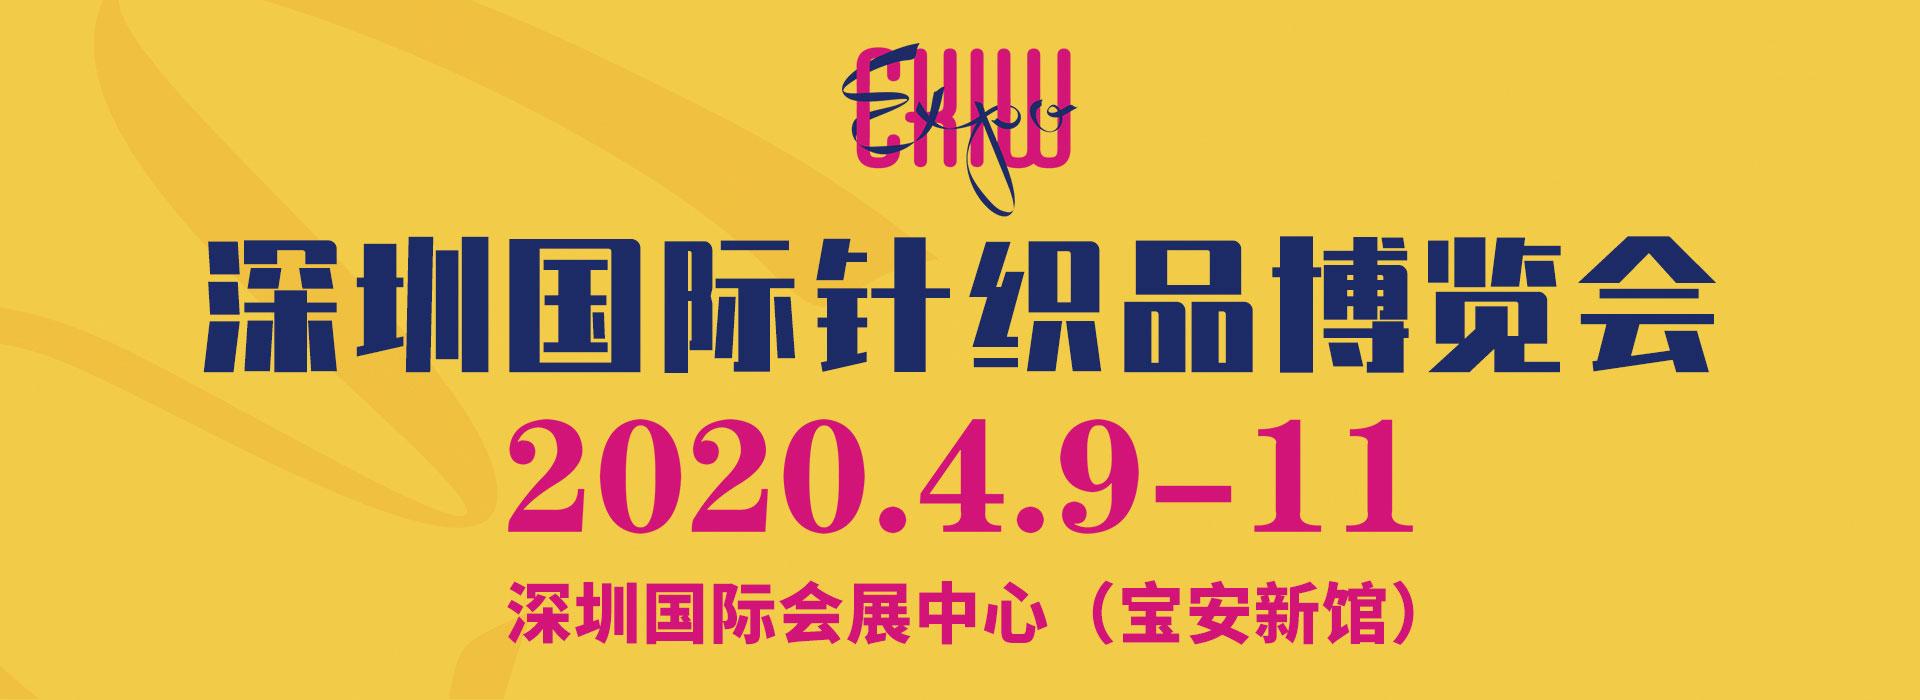 中��(深圳)��品牌��新�O�周暨深圳���H��品博�[��(CKIW EXPO)